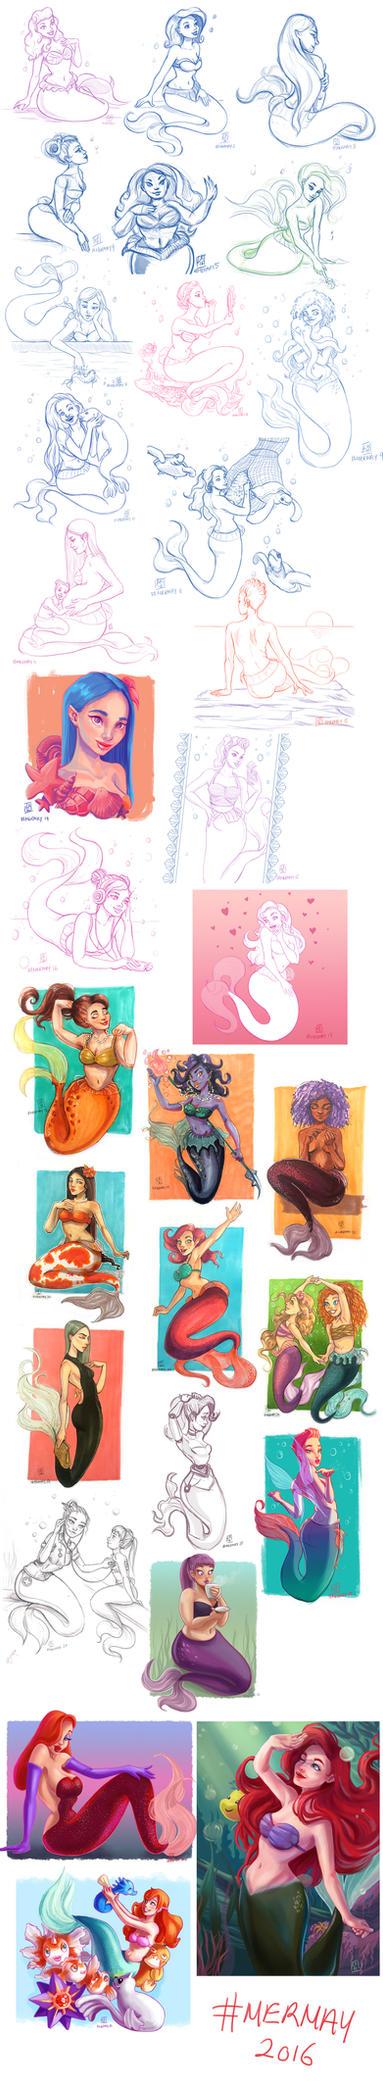 Mermay Sketchdump by LornaKelleherArt